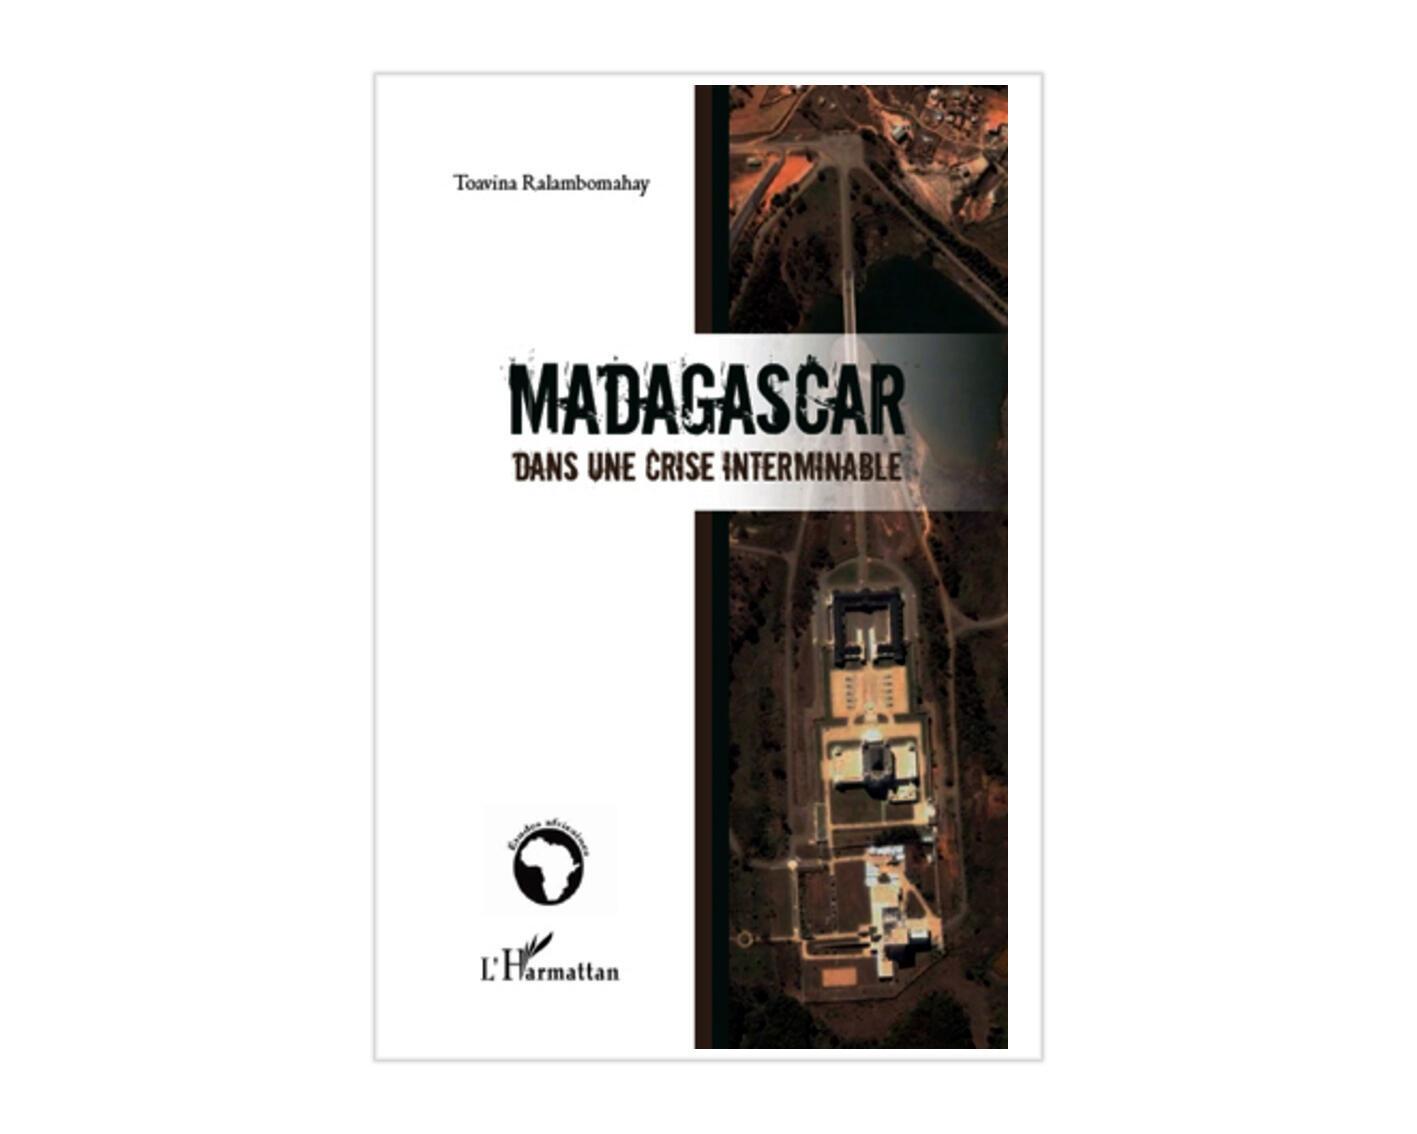 Le livre de l'auteur Toavina Ralambomahay : <i><b>Madagascar dans une crise interminable, </i></b>paru aux Editions l'Harmattan en 2011.